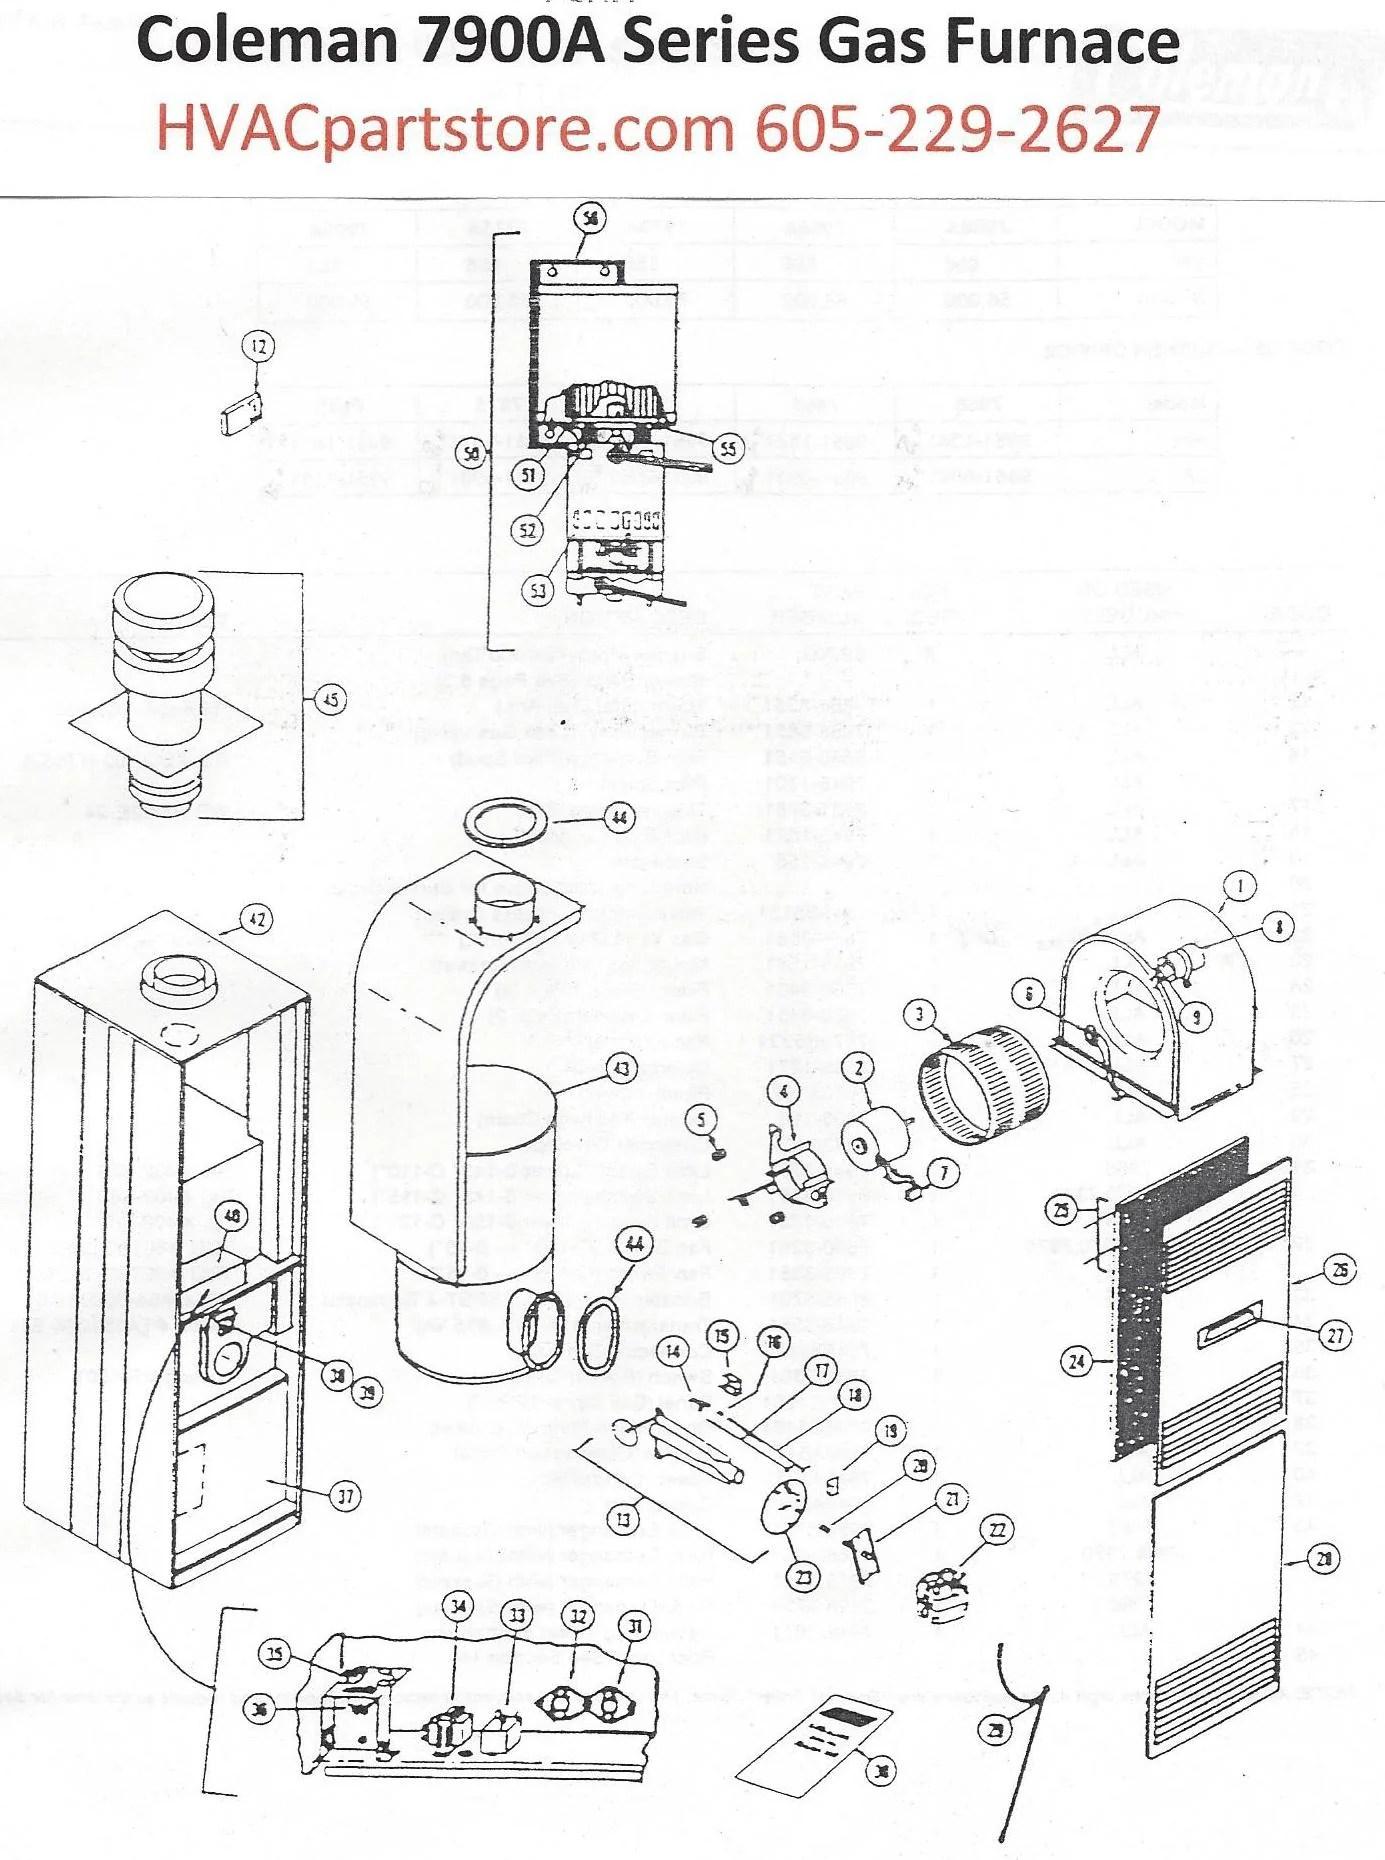 7966a856 coleman gas furnace parts [ 1385 x 1860 Pixel ]